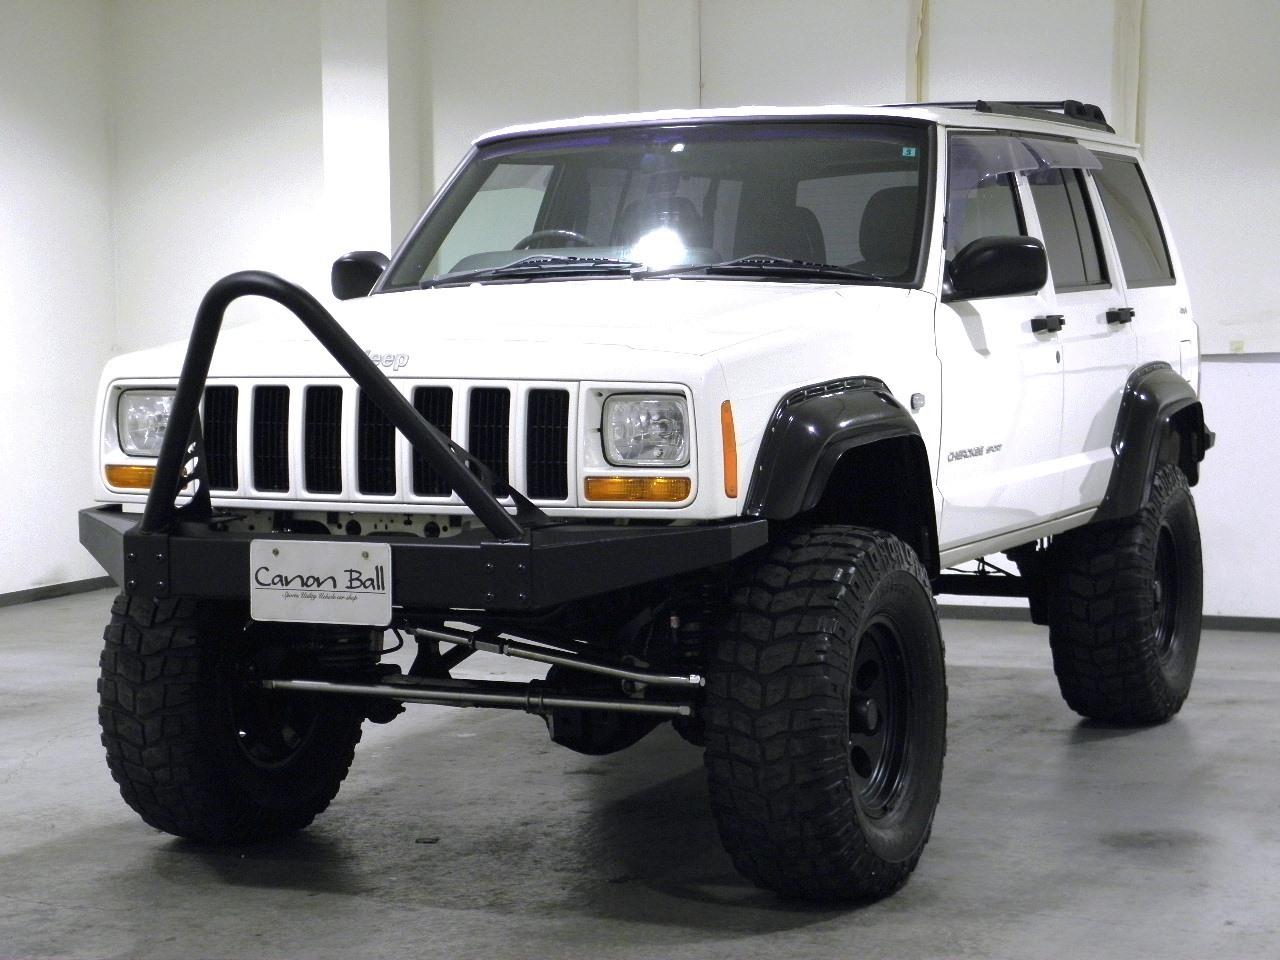 スポーツ リフトUPカスタムver ブラックインテリア DVDナビ 【XJ型Jeep最終モデル】